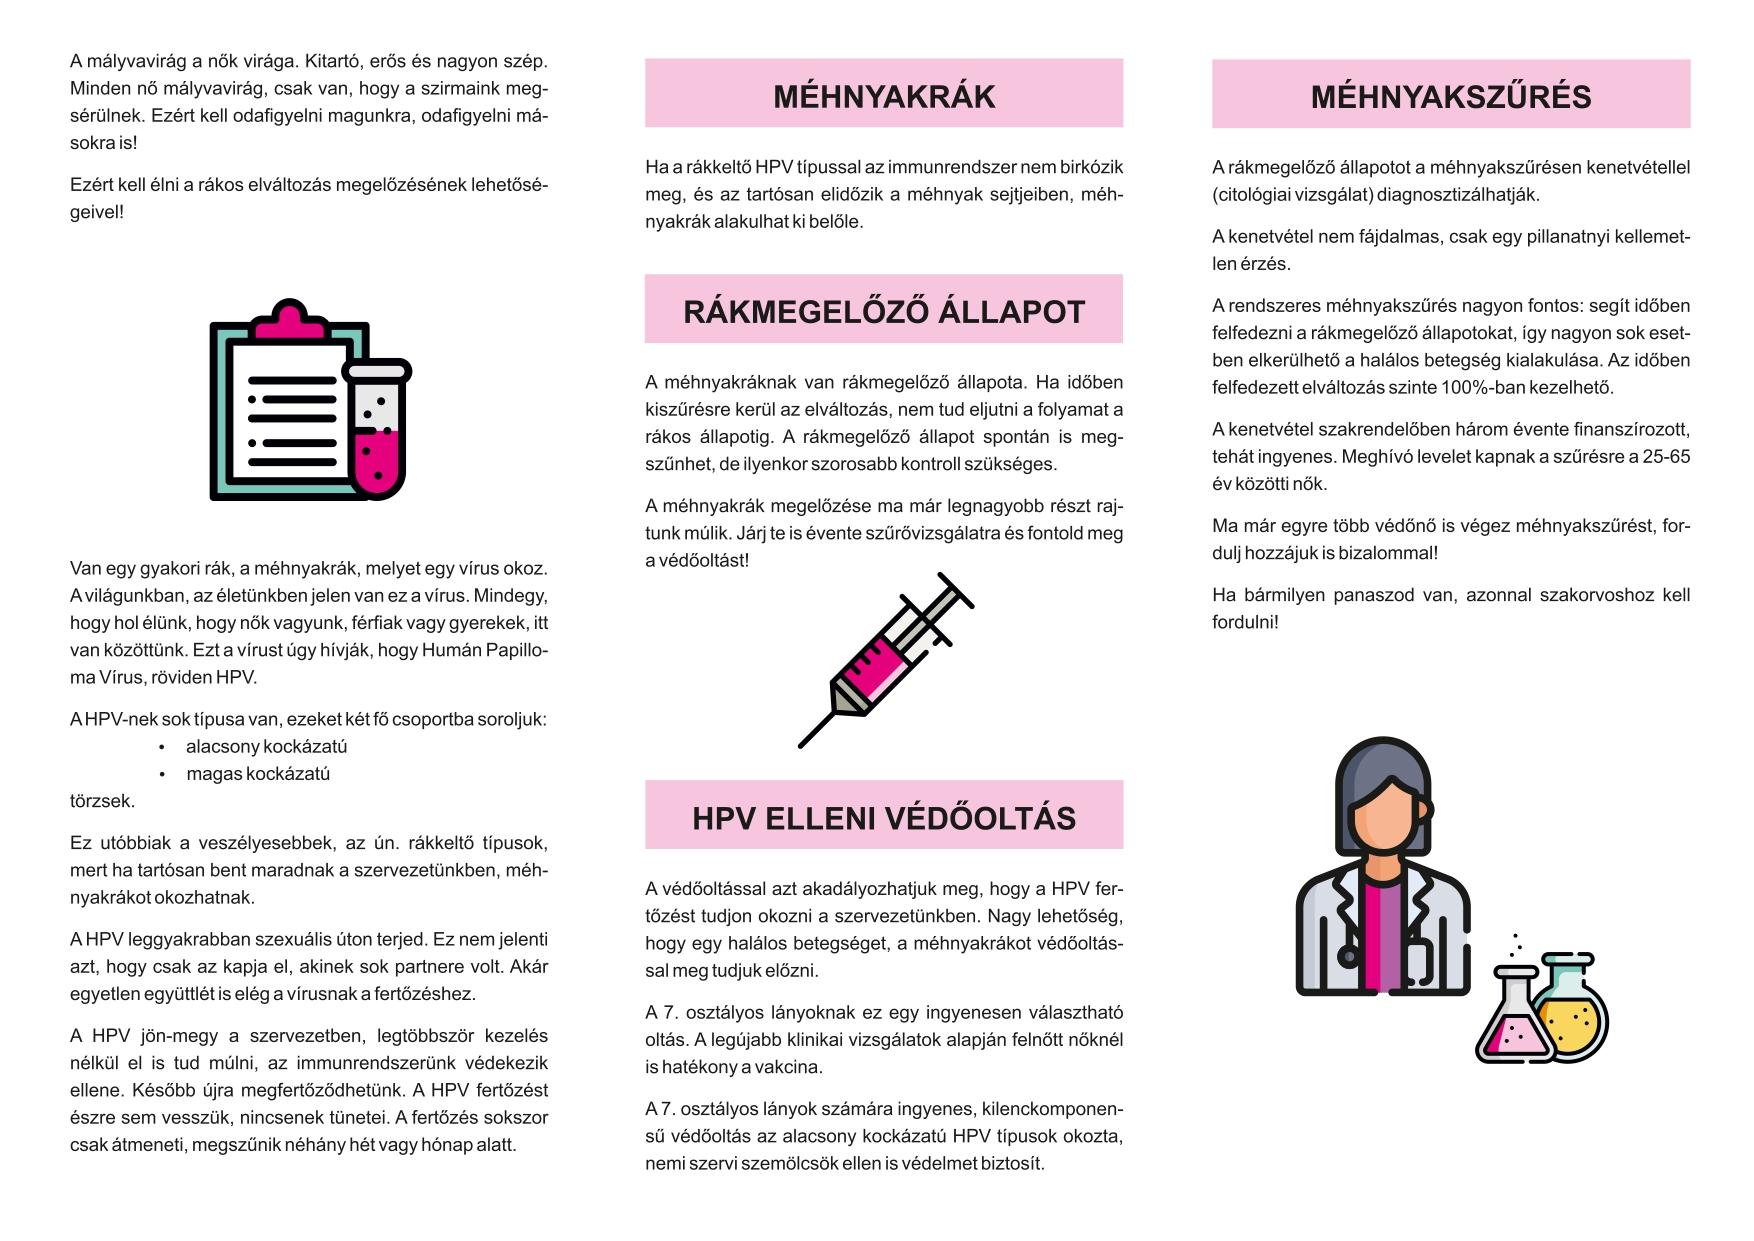 hpv kezelés és megelőzés